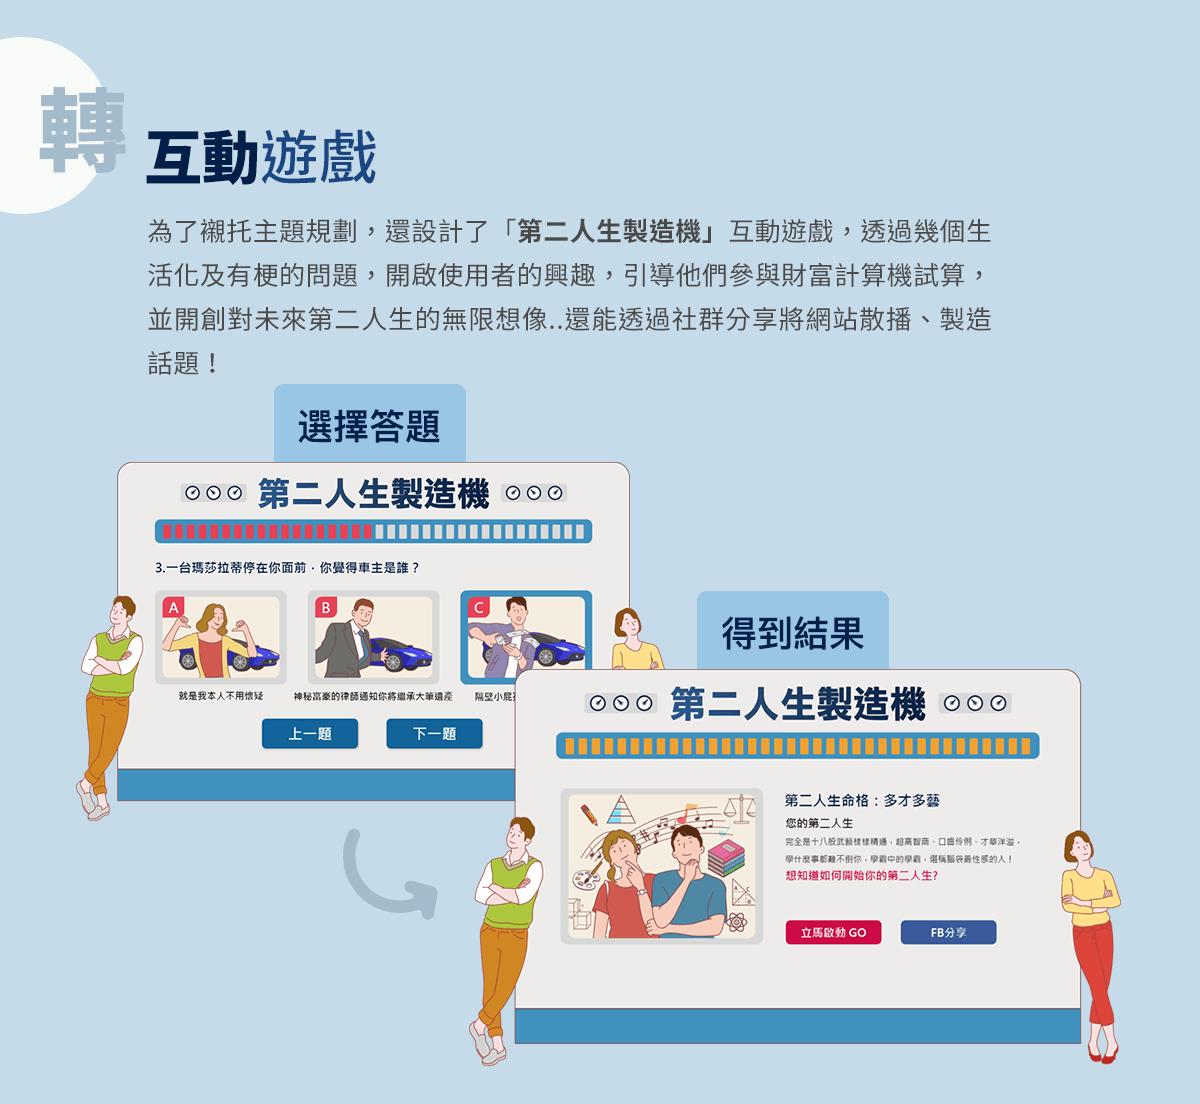 保德信投信 FUND心逐夢 人生自由行 活動網站 網頁設計